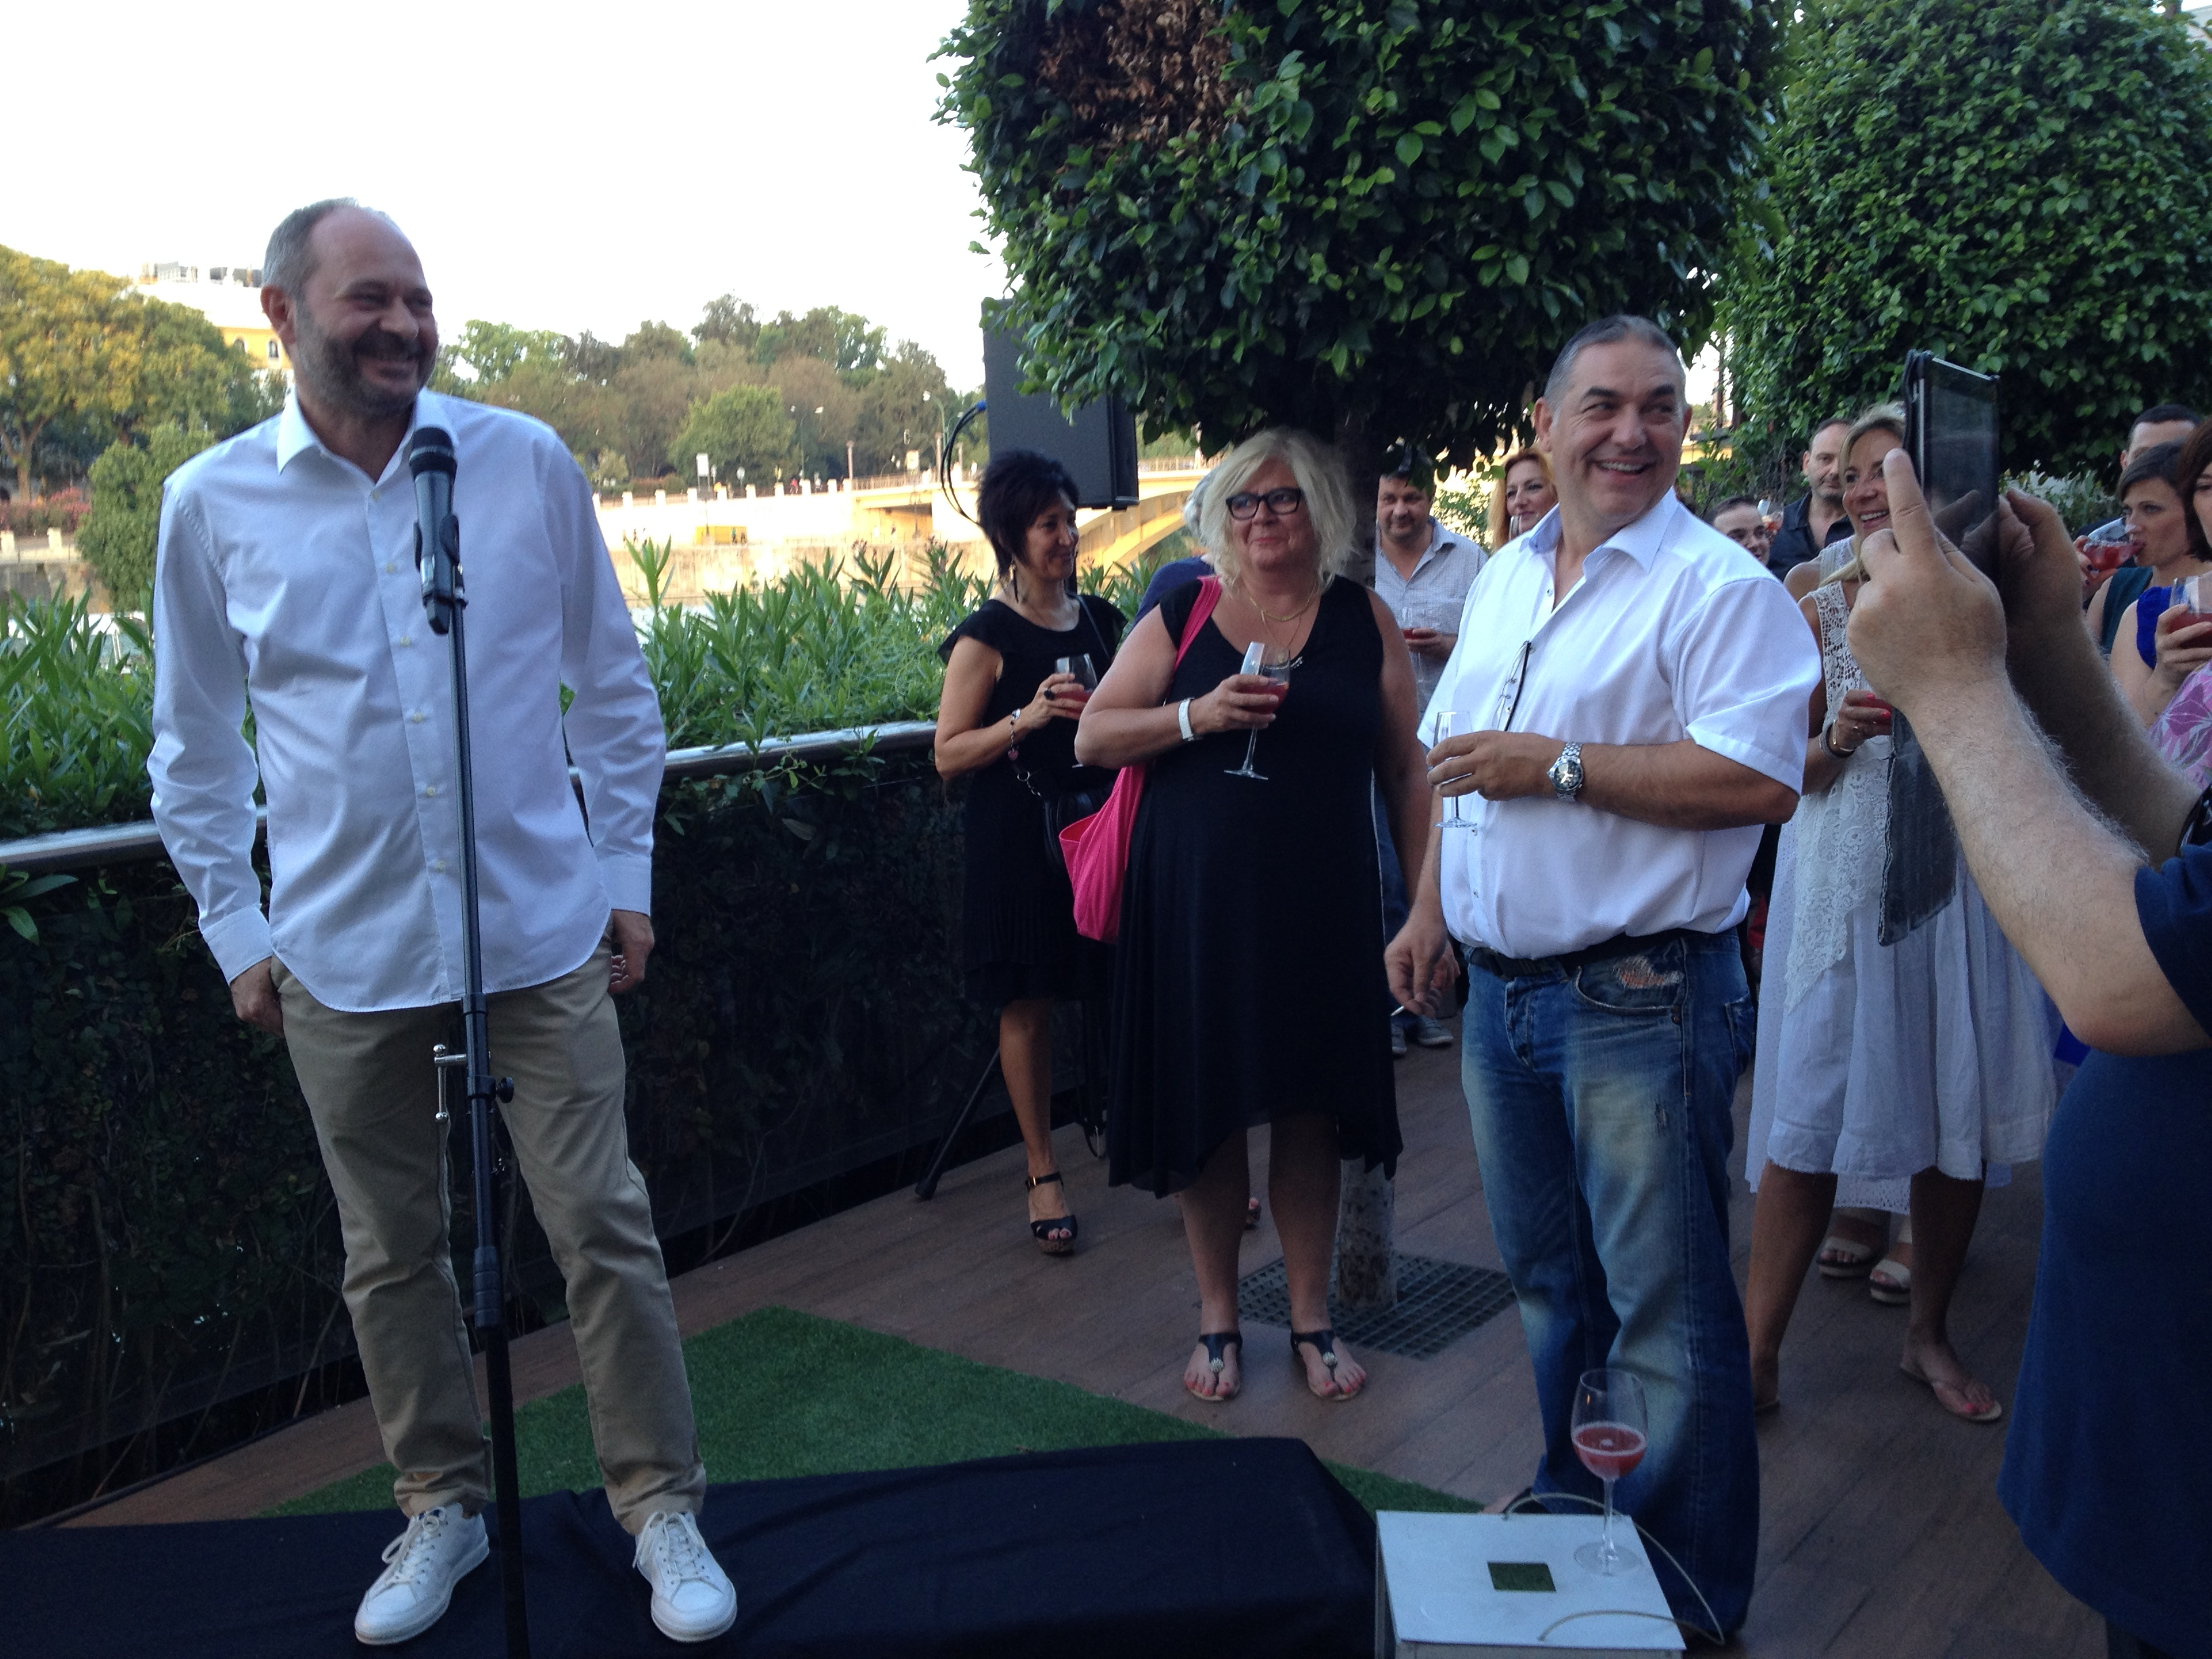 Le dîner de gala, au bord du Guadalquivir. Le président Valli a remercié l'équipe d'organisation, au premier rang desquels Frank Levis et Géraldine Beguin. On n'imagine pas la somme de petits détails et de grosses questions stratégiques qu'il faut anticiper et régler pour emmener... plus de 120 radios en Espagne.